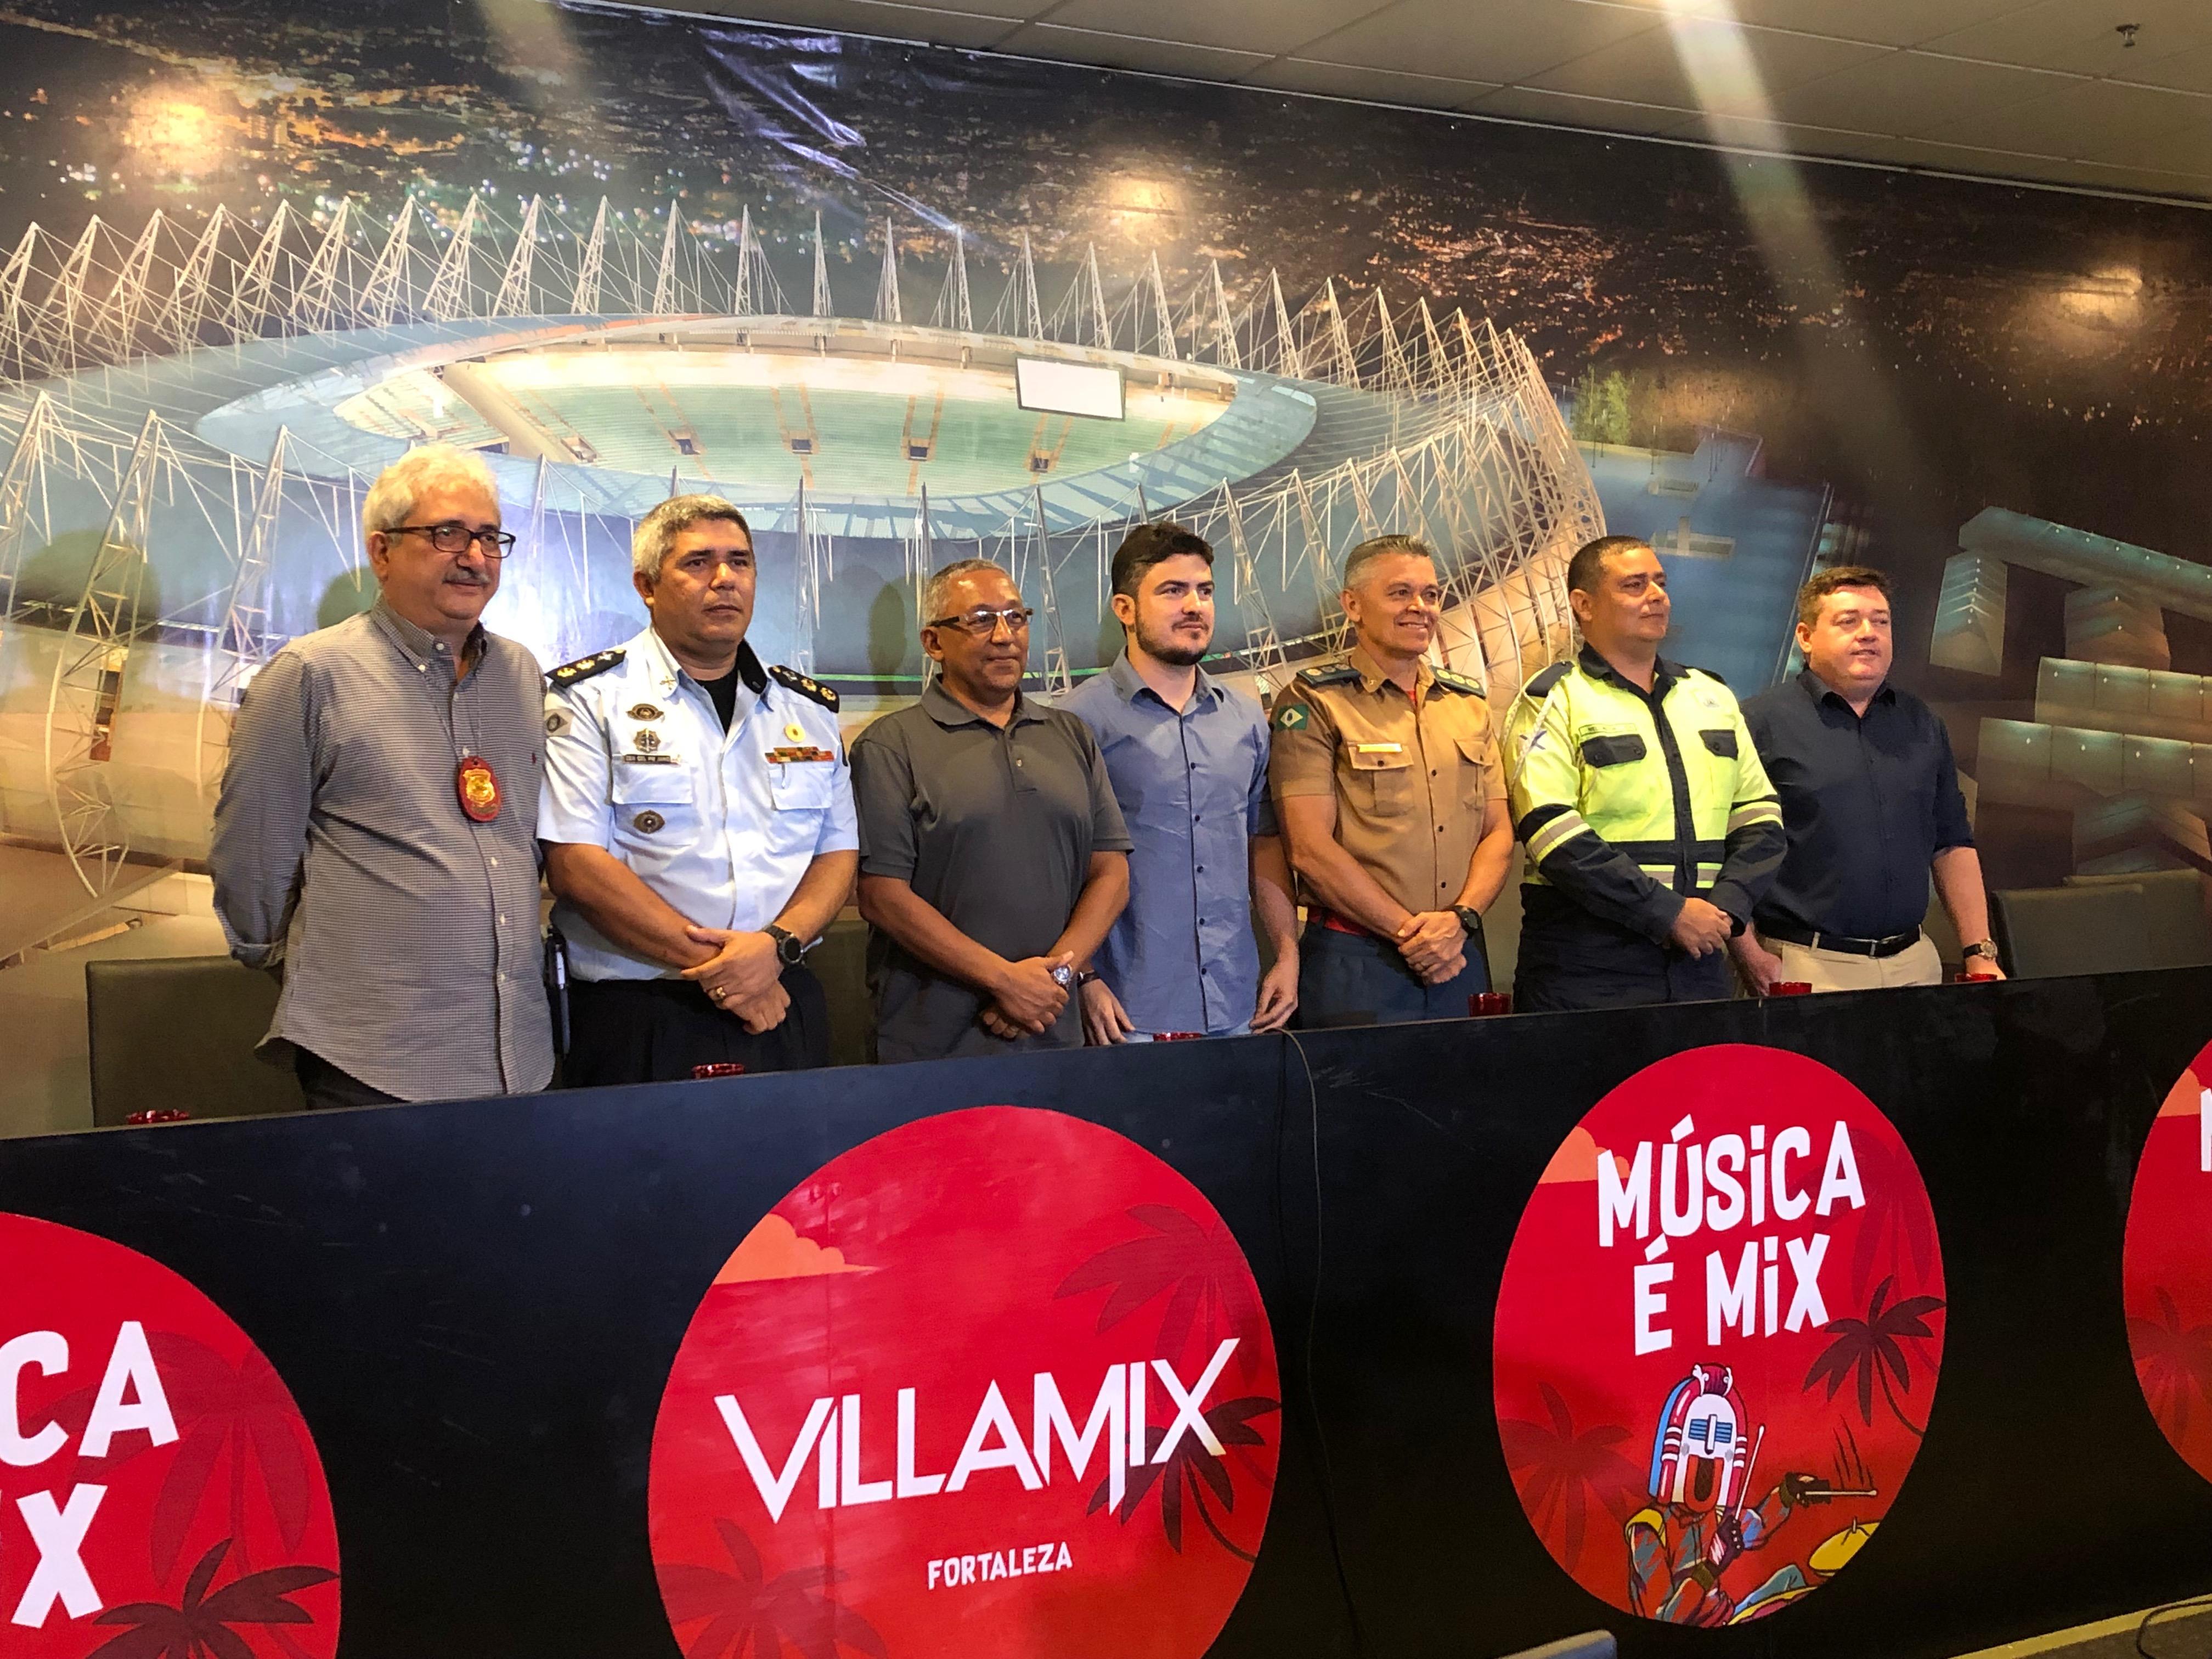 Villa Mix Fortaleza 2018 Archives Investe Ce